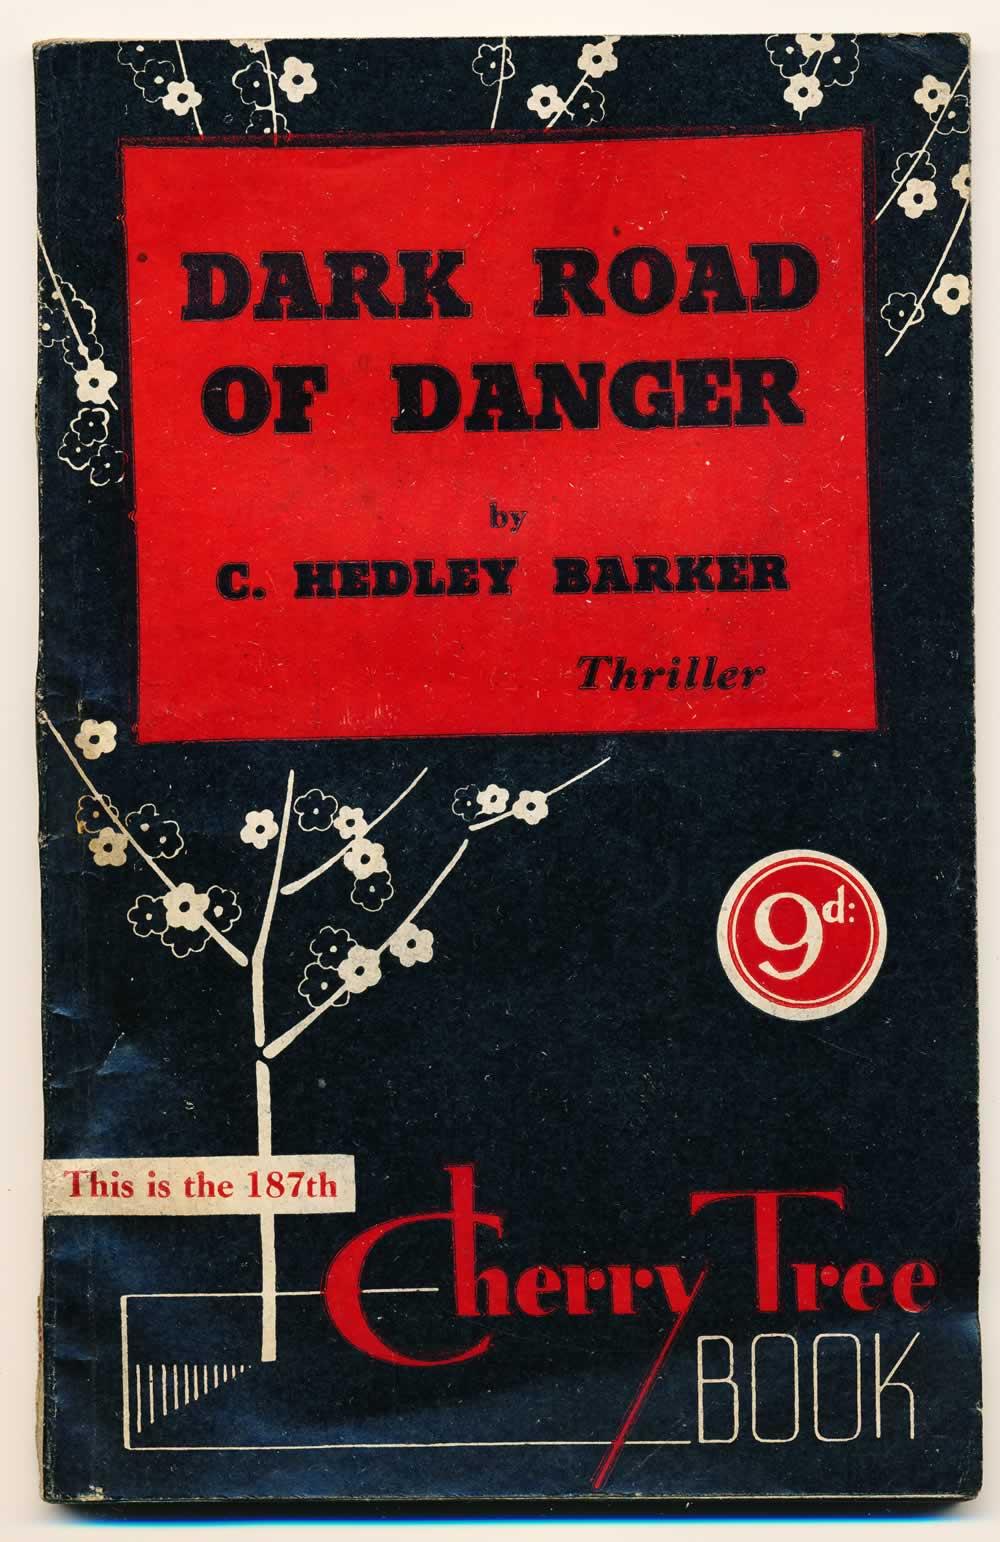 Dark road of danger